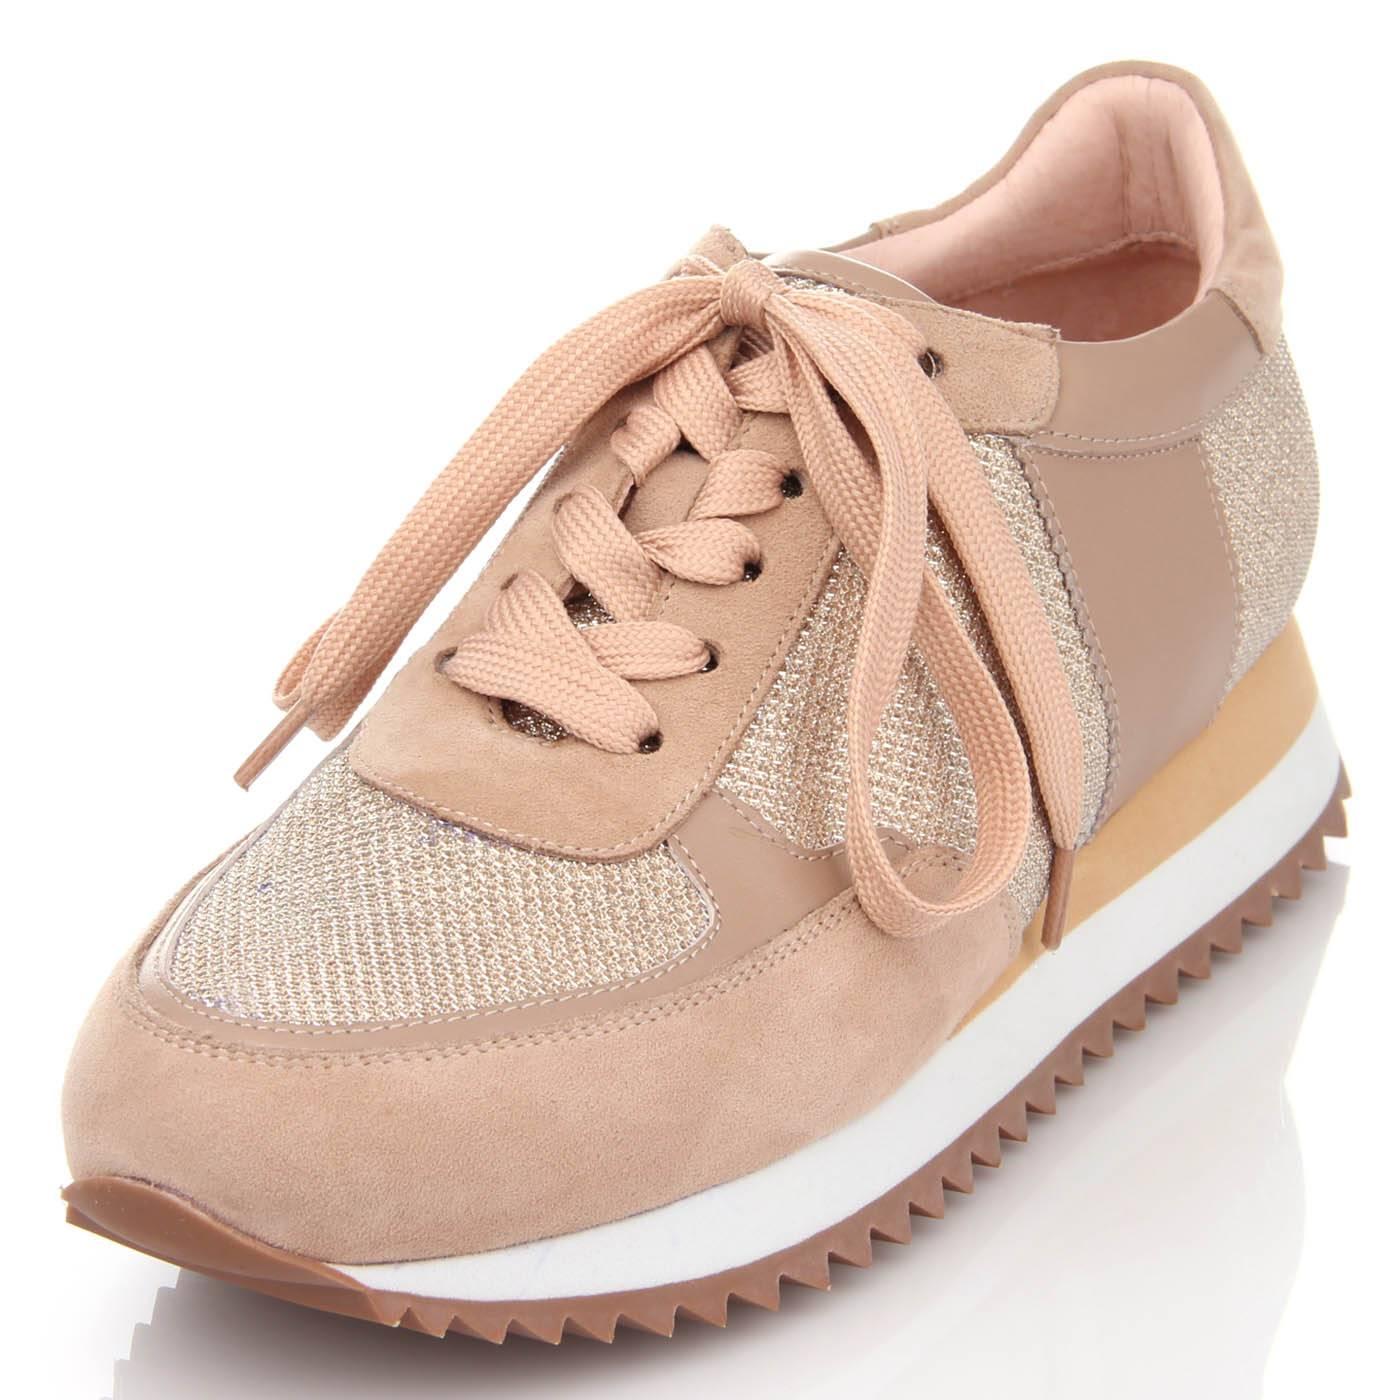 Кросівки жіночі ditto 6466 Бежевий купить по выгодной цене в ... 0e25bb6825027